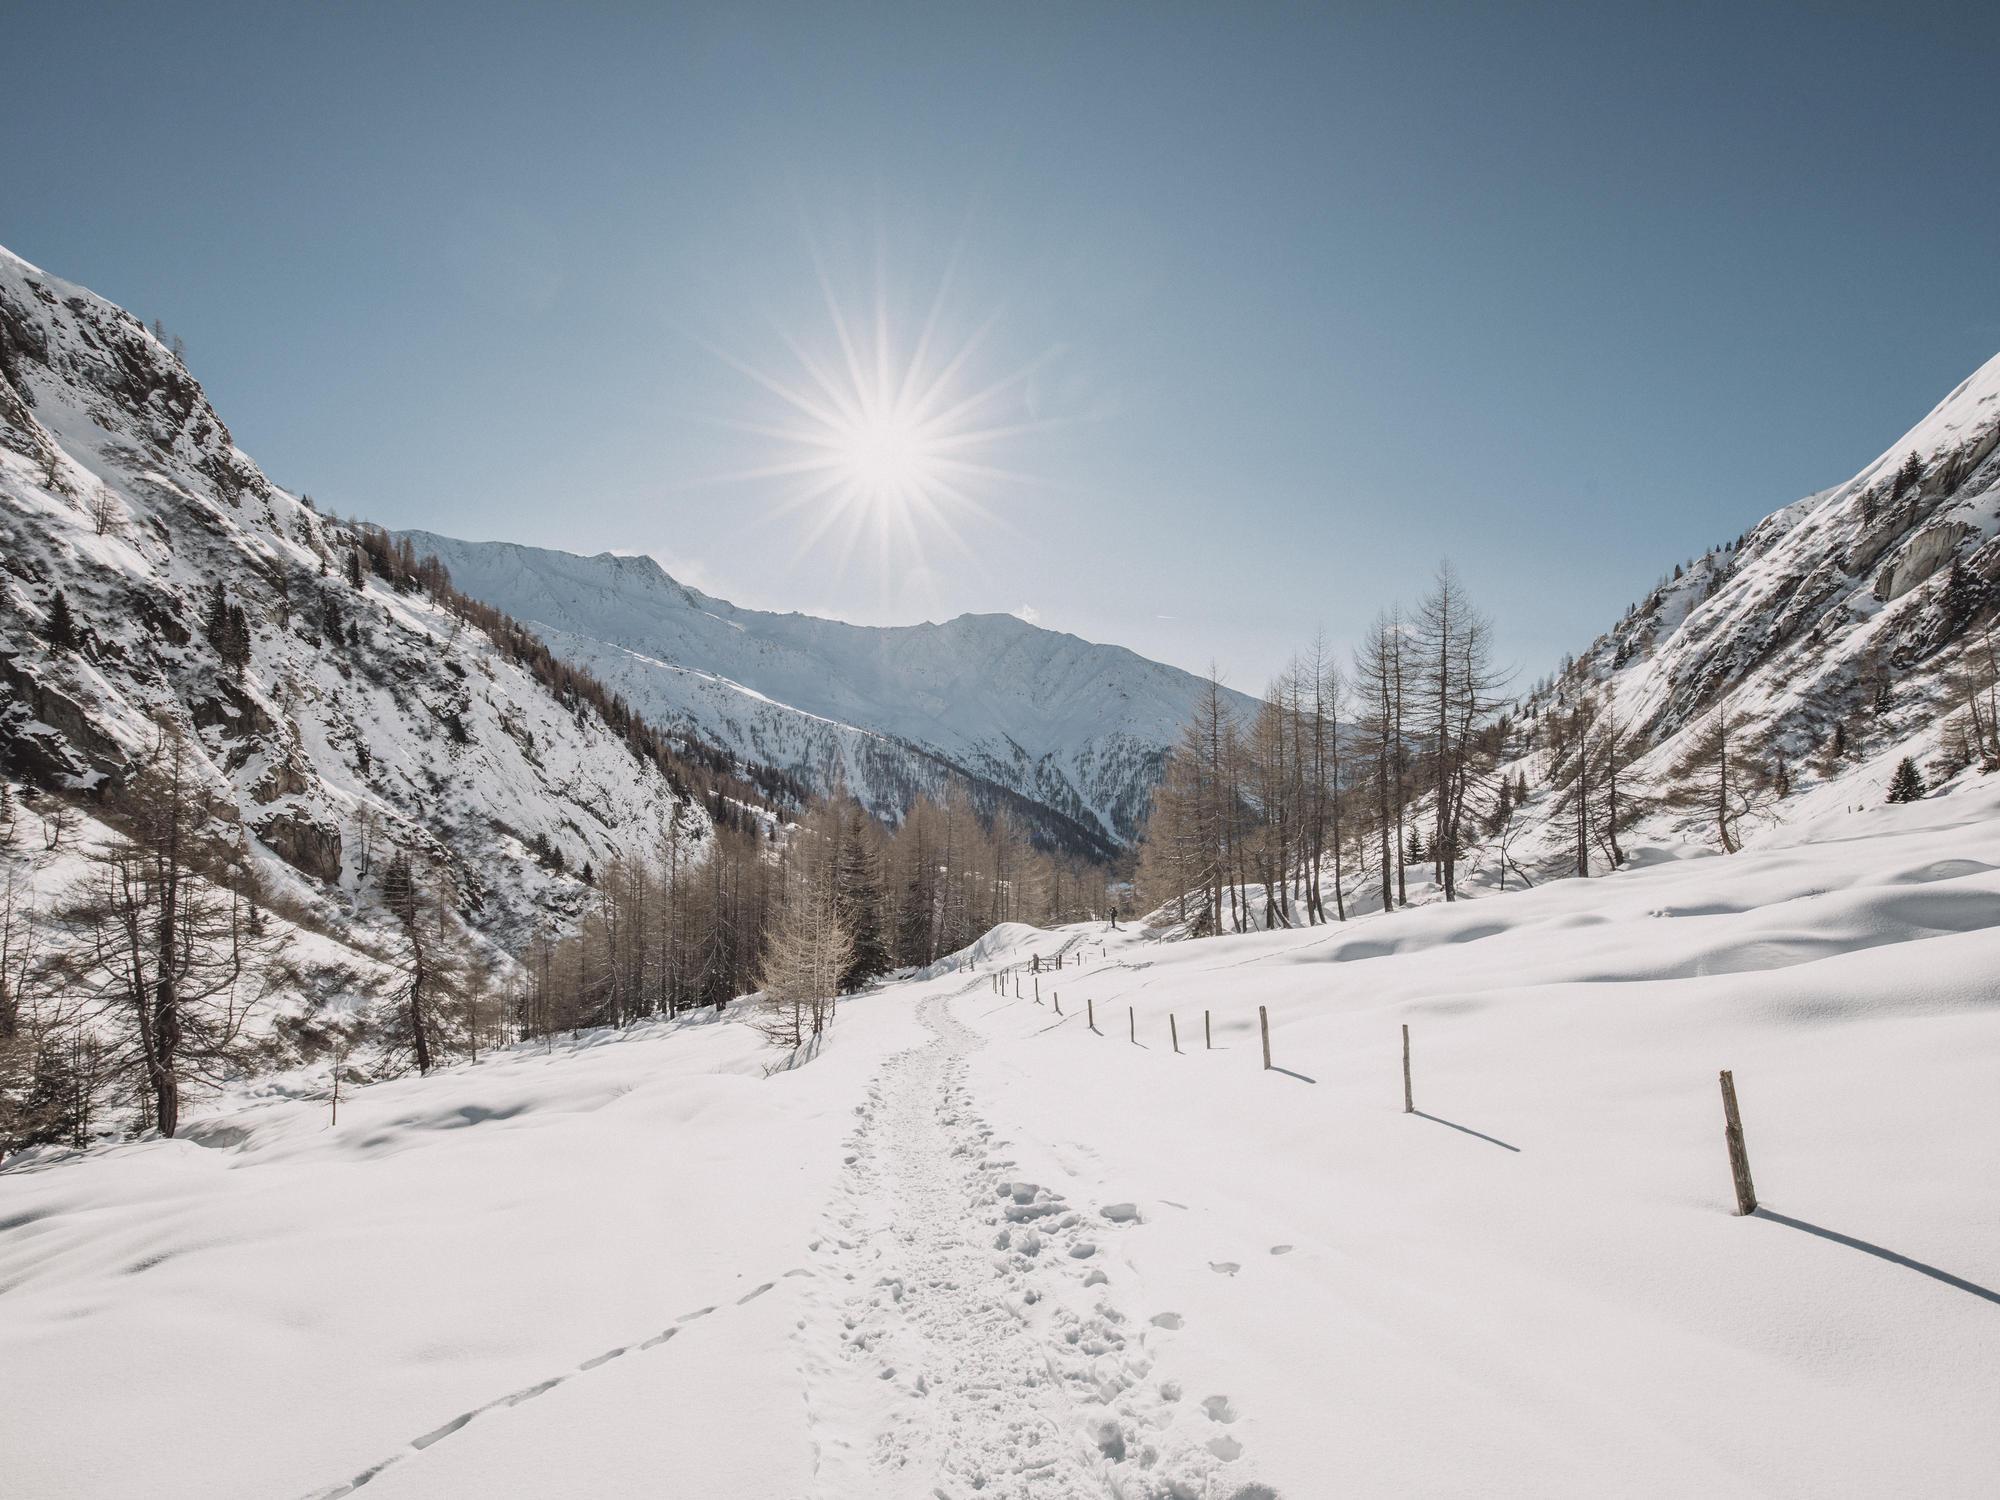 Winterzauber Nationalpark Osttirol | © TVB Osttirol / Maybach Robert